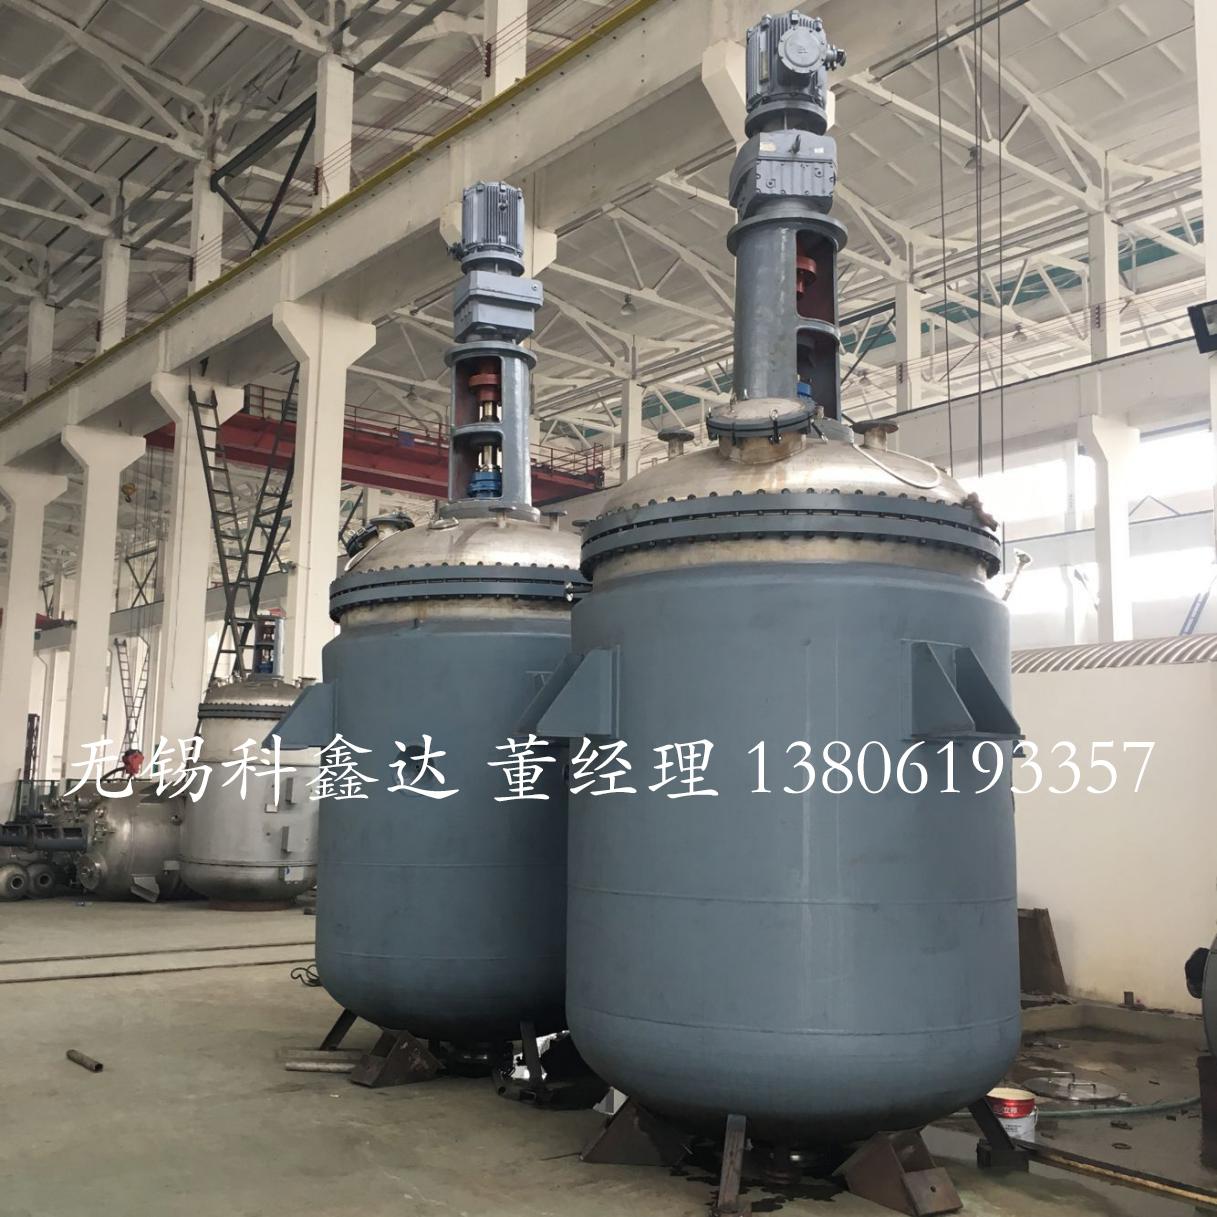 電加熱反應釜 電加熱反應罐 電加熱不銹鋼反應釜